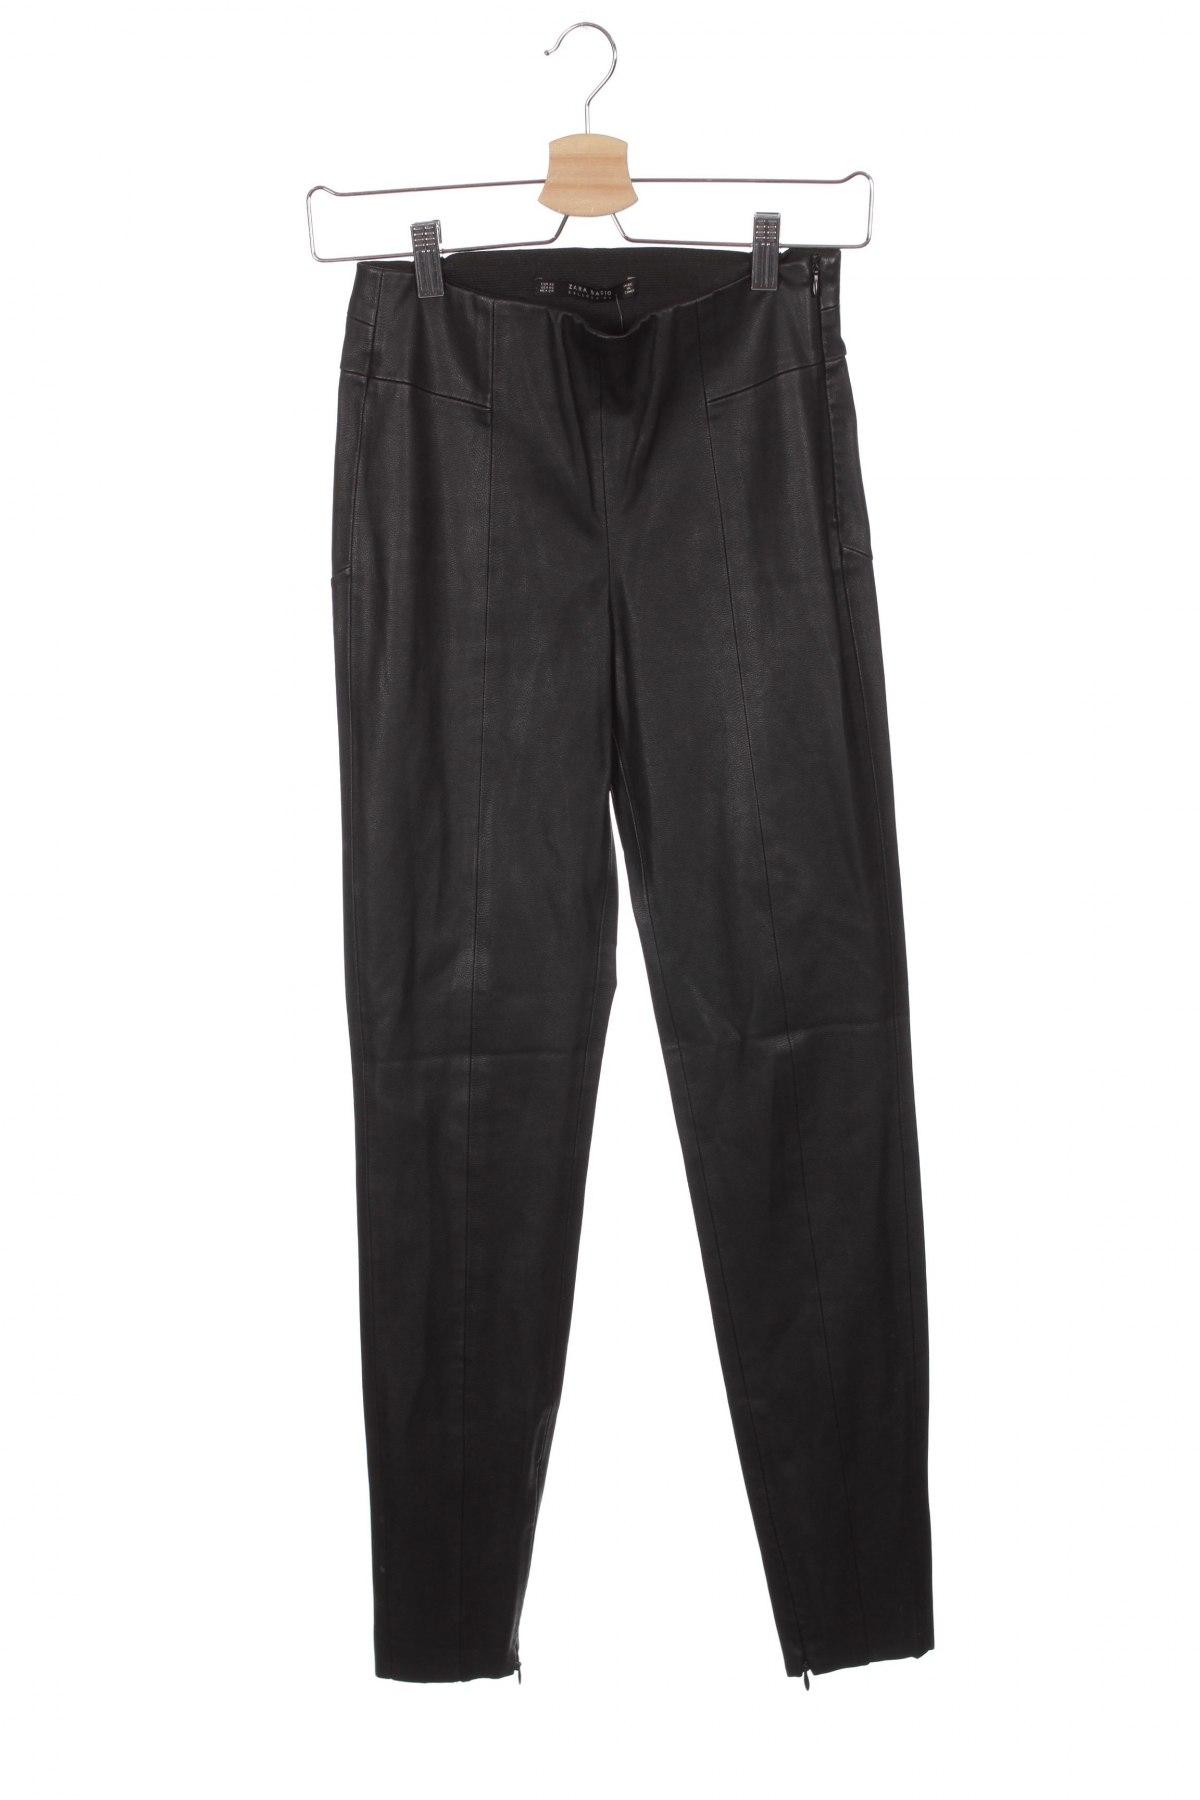 d7a8a5cf58 Dámske kožené nohavice Zara - za výhodnú cenu na Remix -  103006442